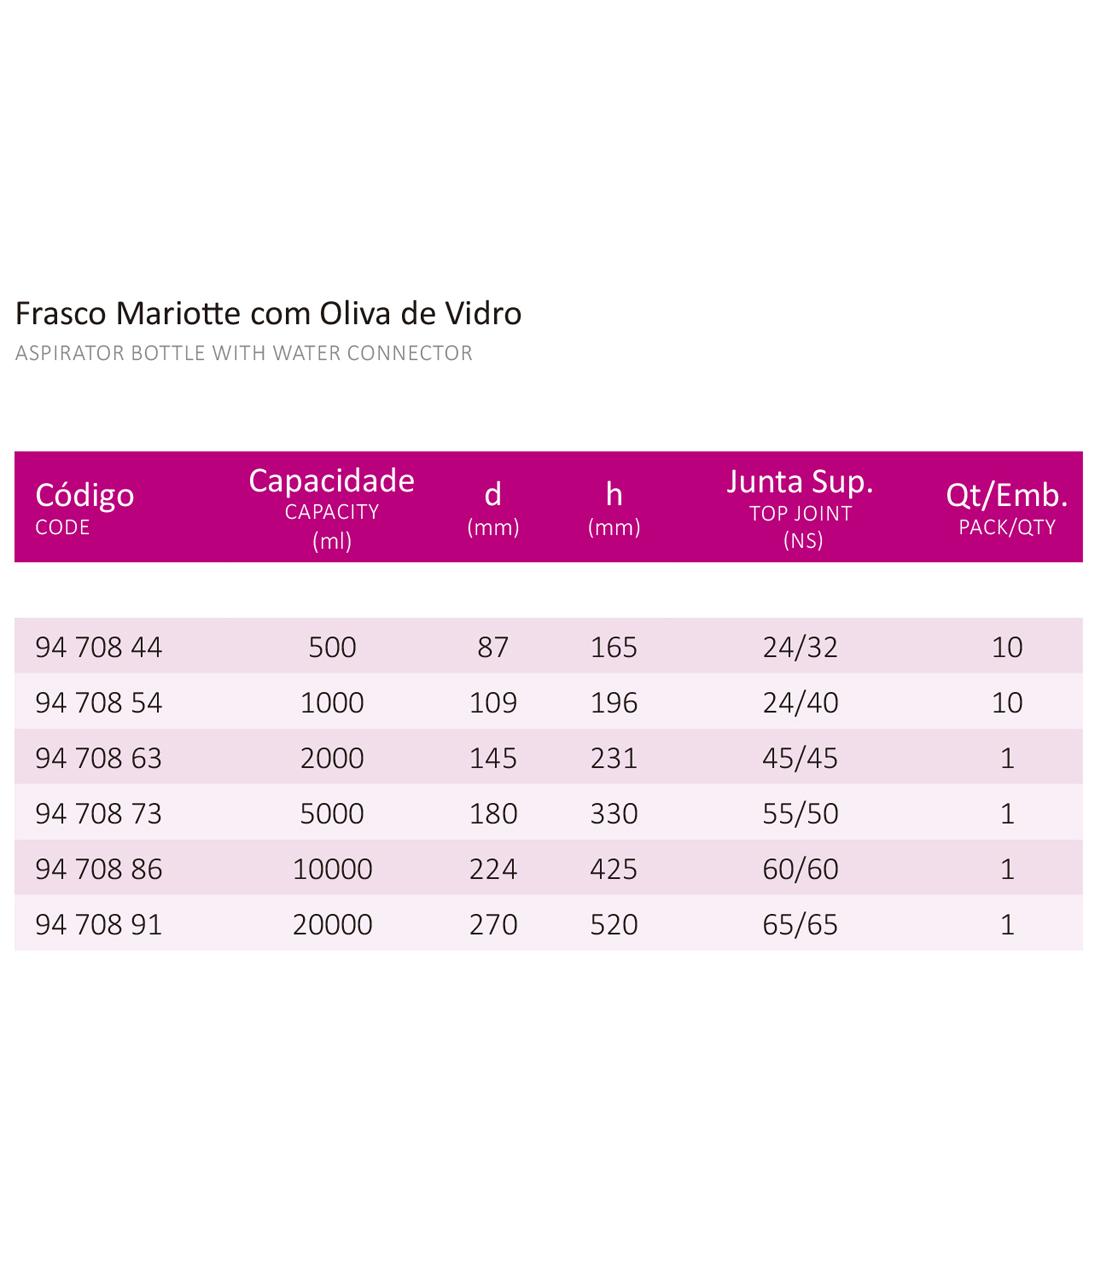 FRASCO MARIOTTE C/ OLIVA DE VIDRO 1000 ML - Laborglas - Cód. 9470854